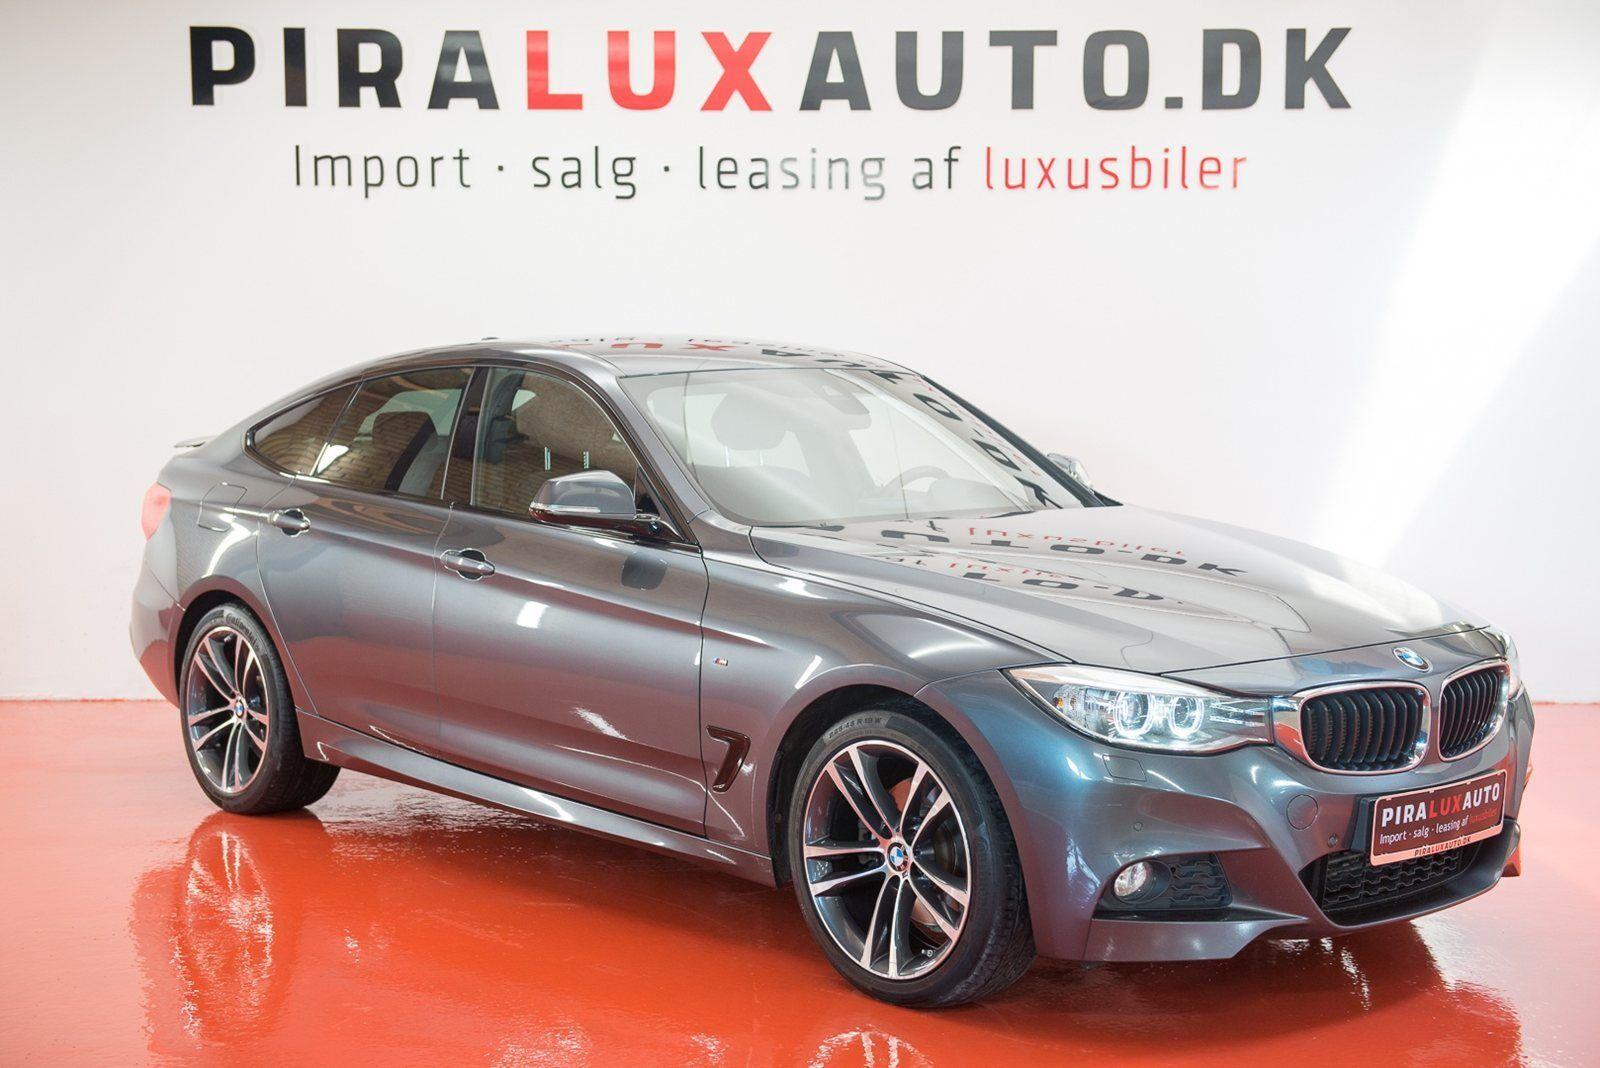 BMW 330d 3,0 Gran Turismo M-Sport xDrive 5d - 419.900 kr.